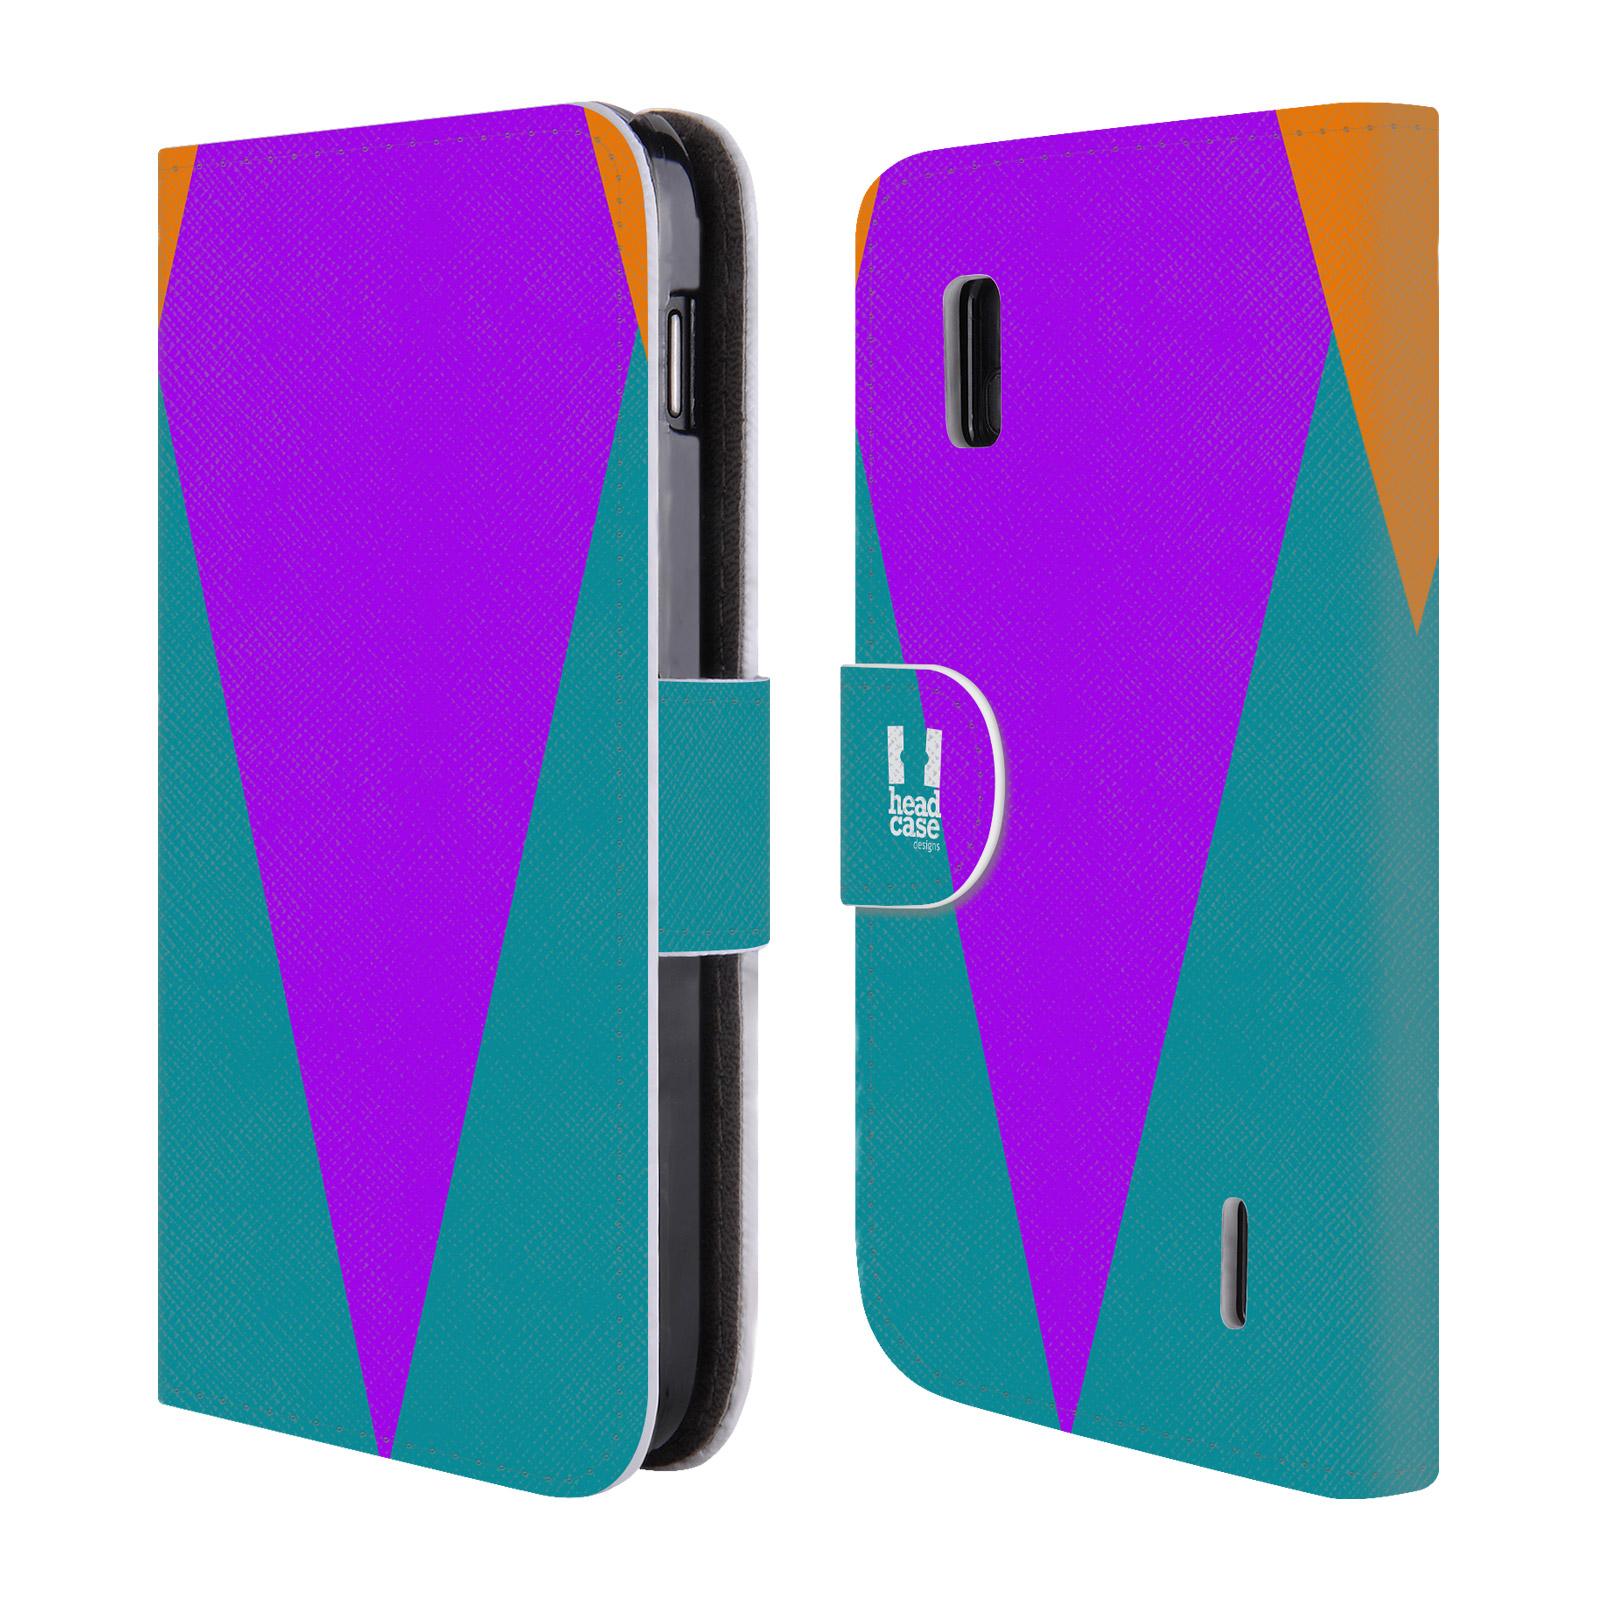 HEAD CASE Flipové pouzdro pro mobil LG NEXUS 4 barevné tvary šipka fialová